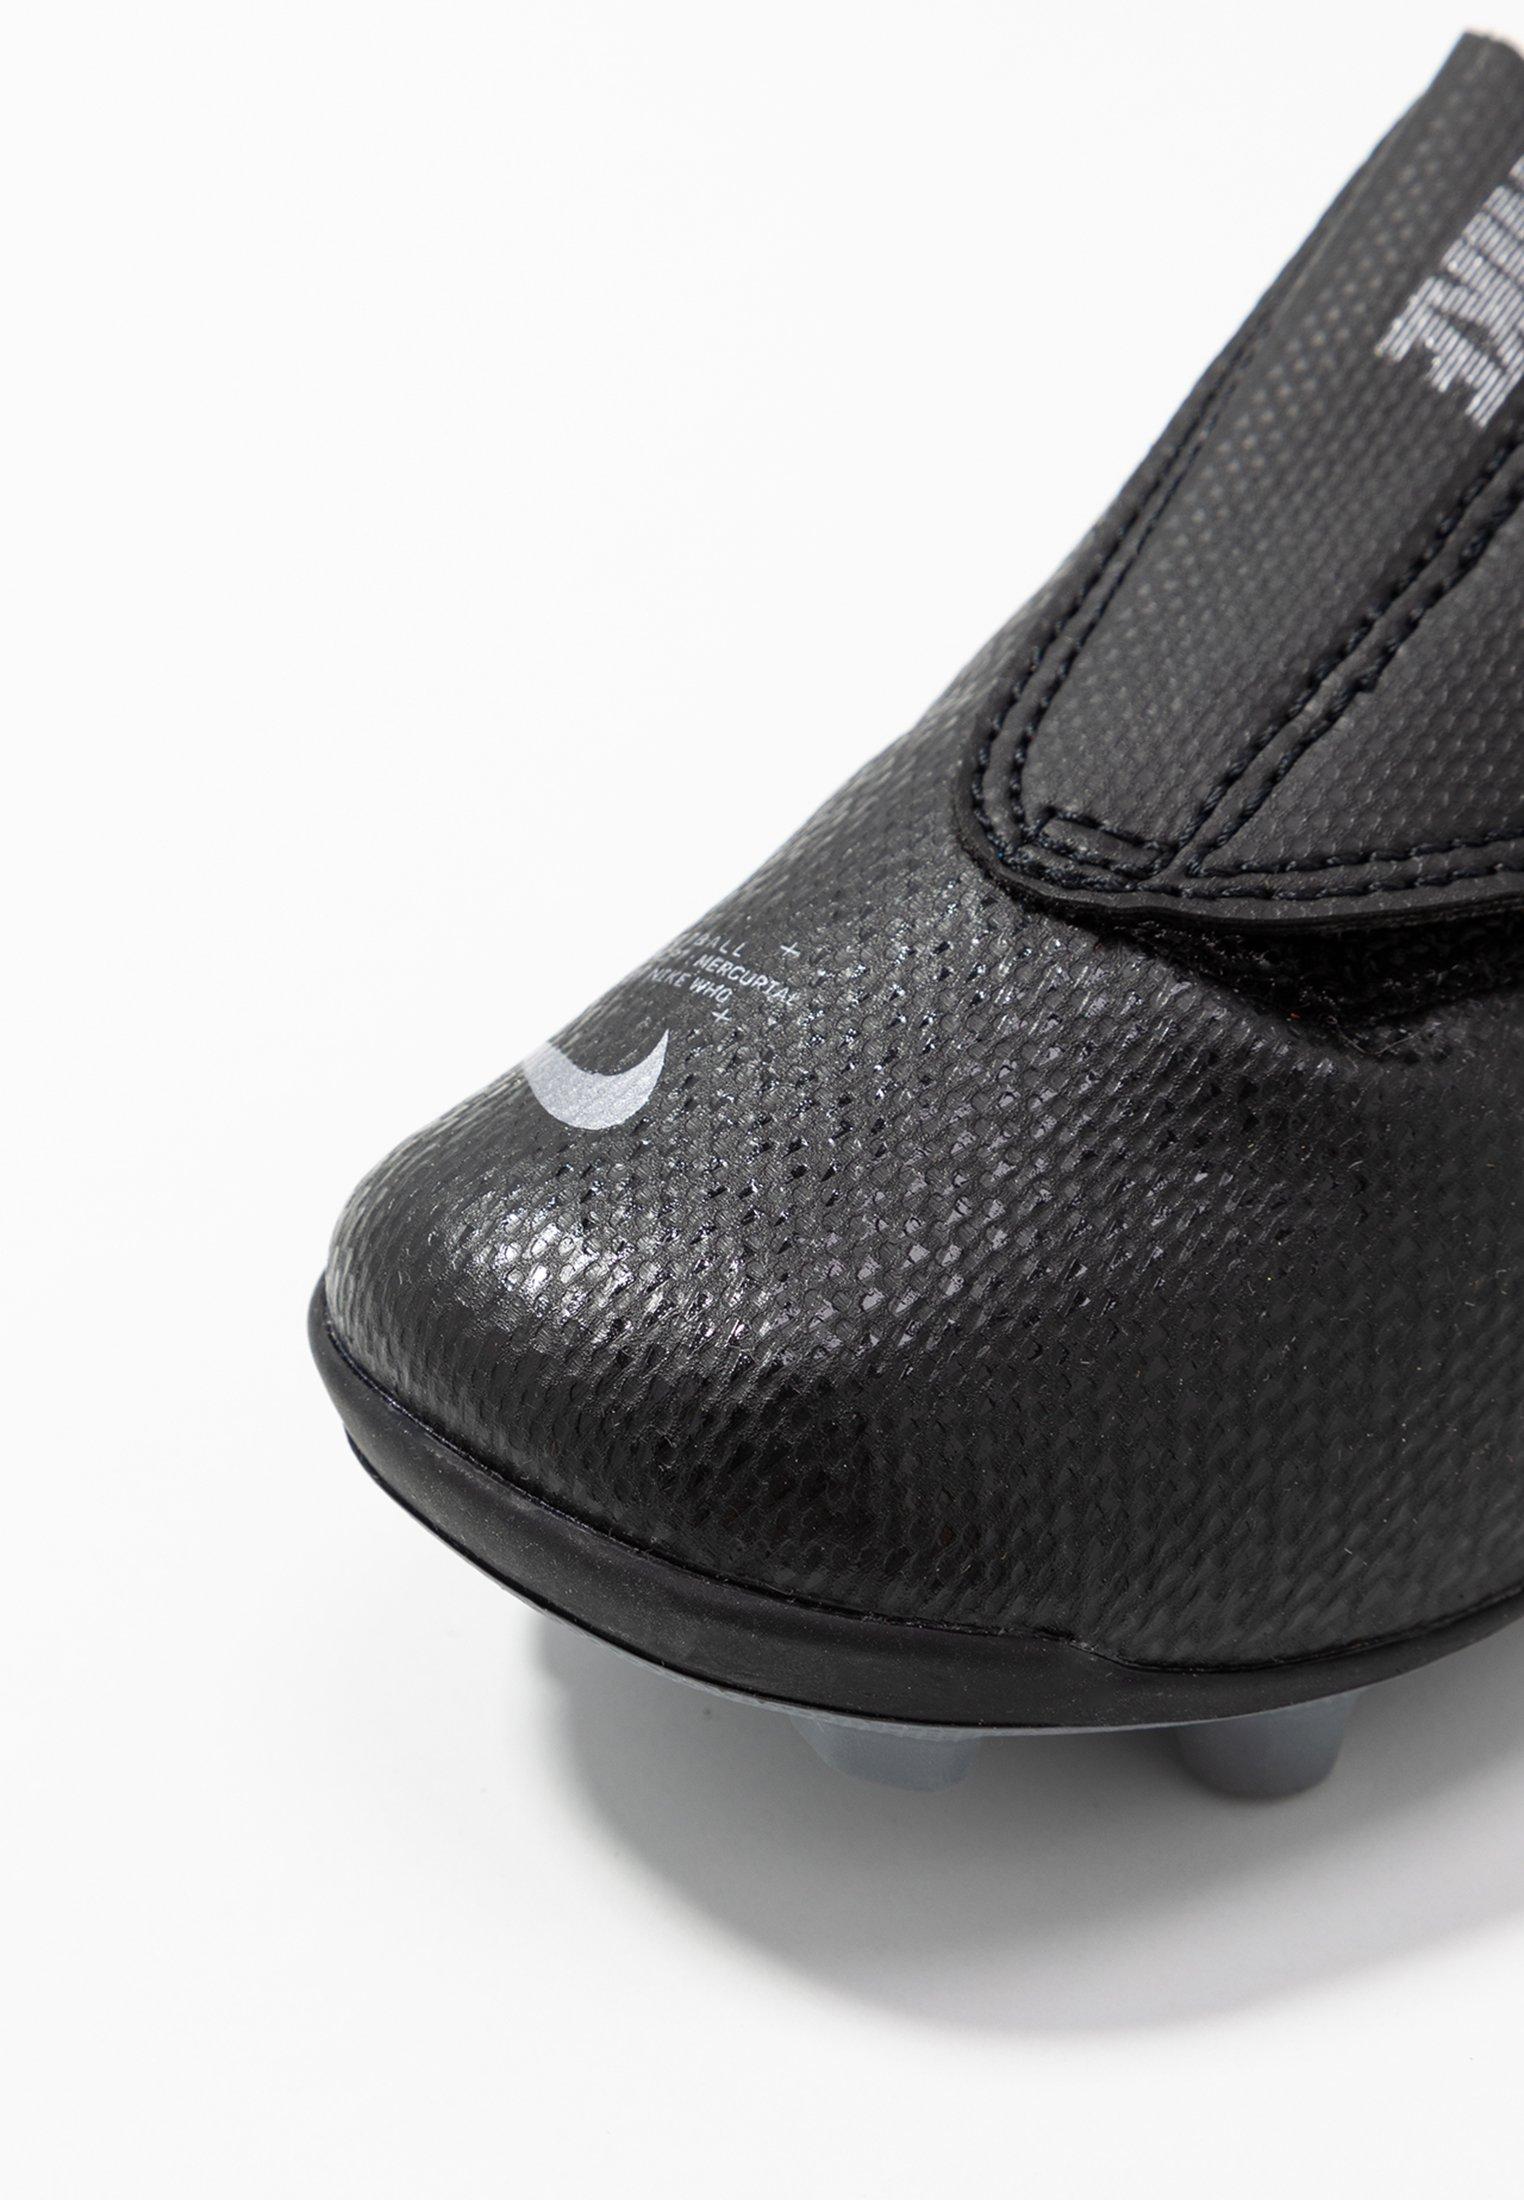 VAPOR 13 CLUB MG Voetbalschoenen met kunststof noppen blackmetallic cool greycool grey